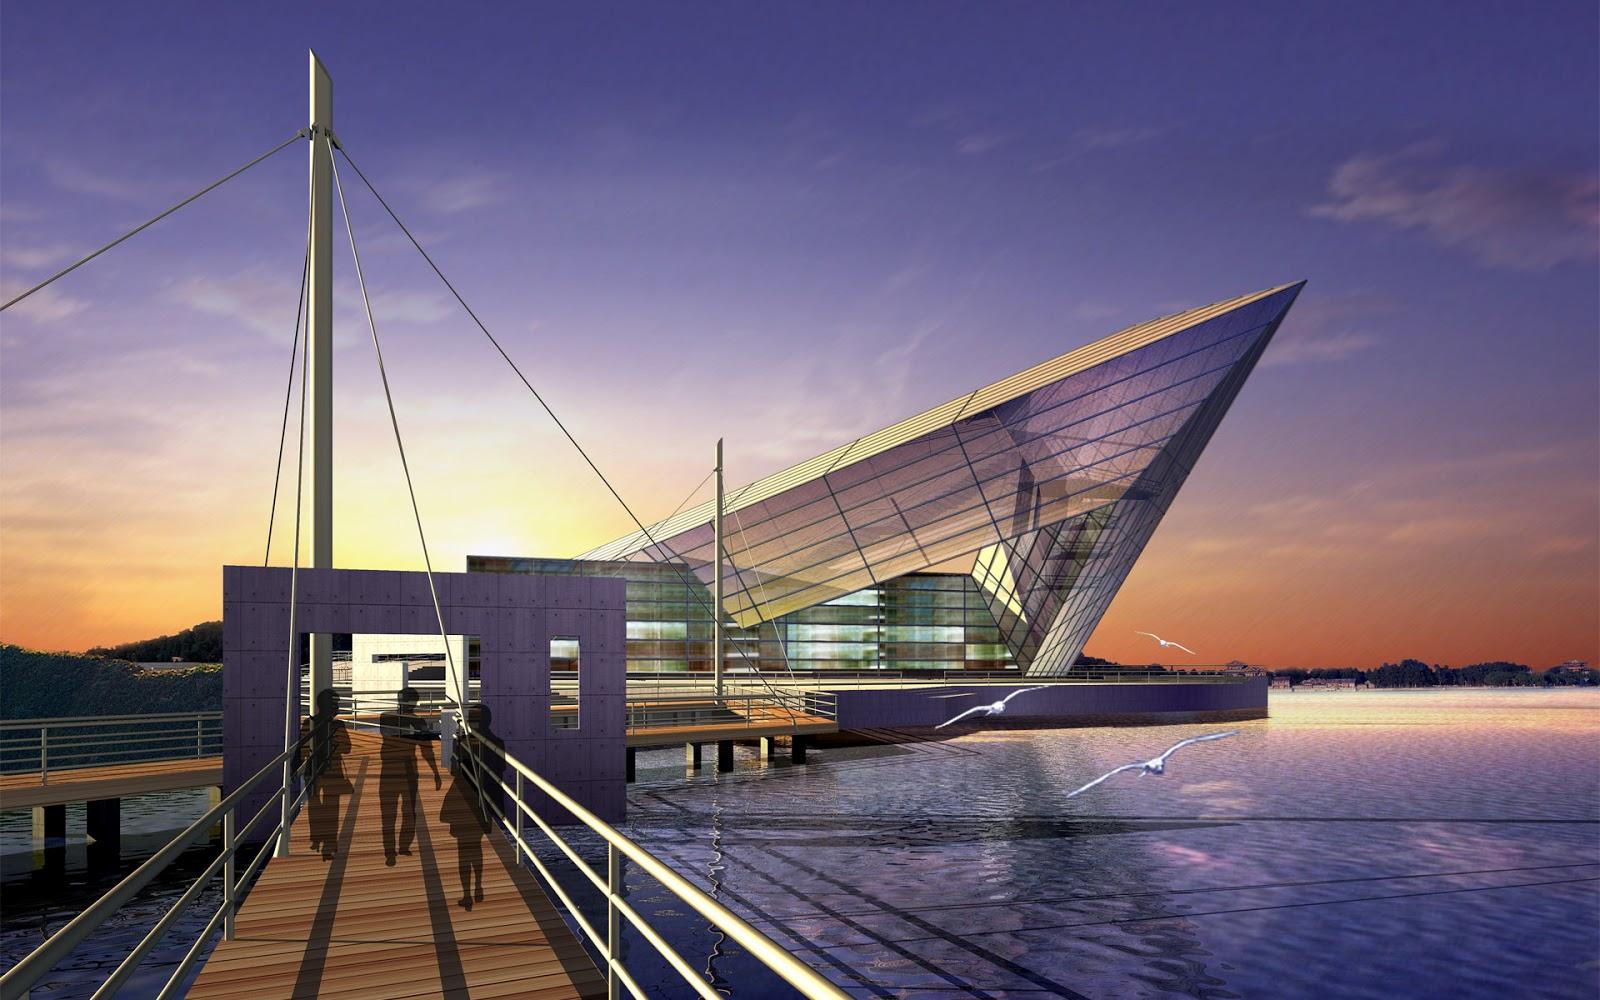 Most Inspiring Wallpaper Mac Dubai - architecture+design+wallpaper+(12)  Photograph_433463.jpg